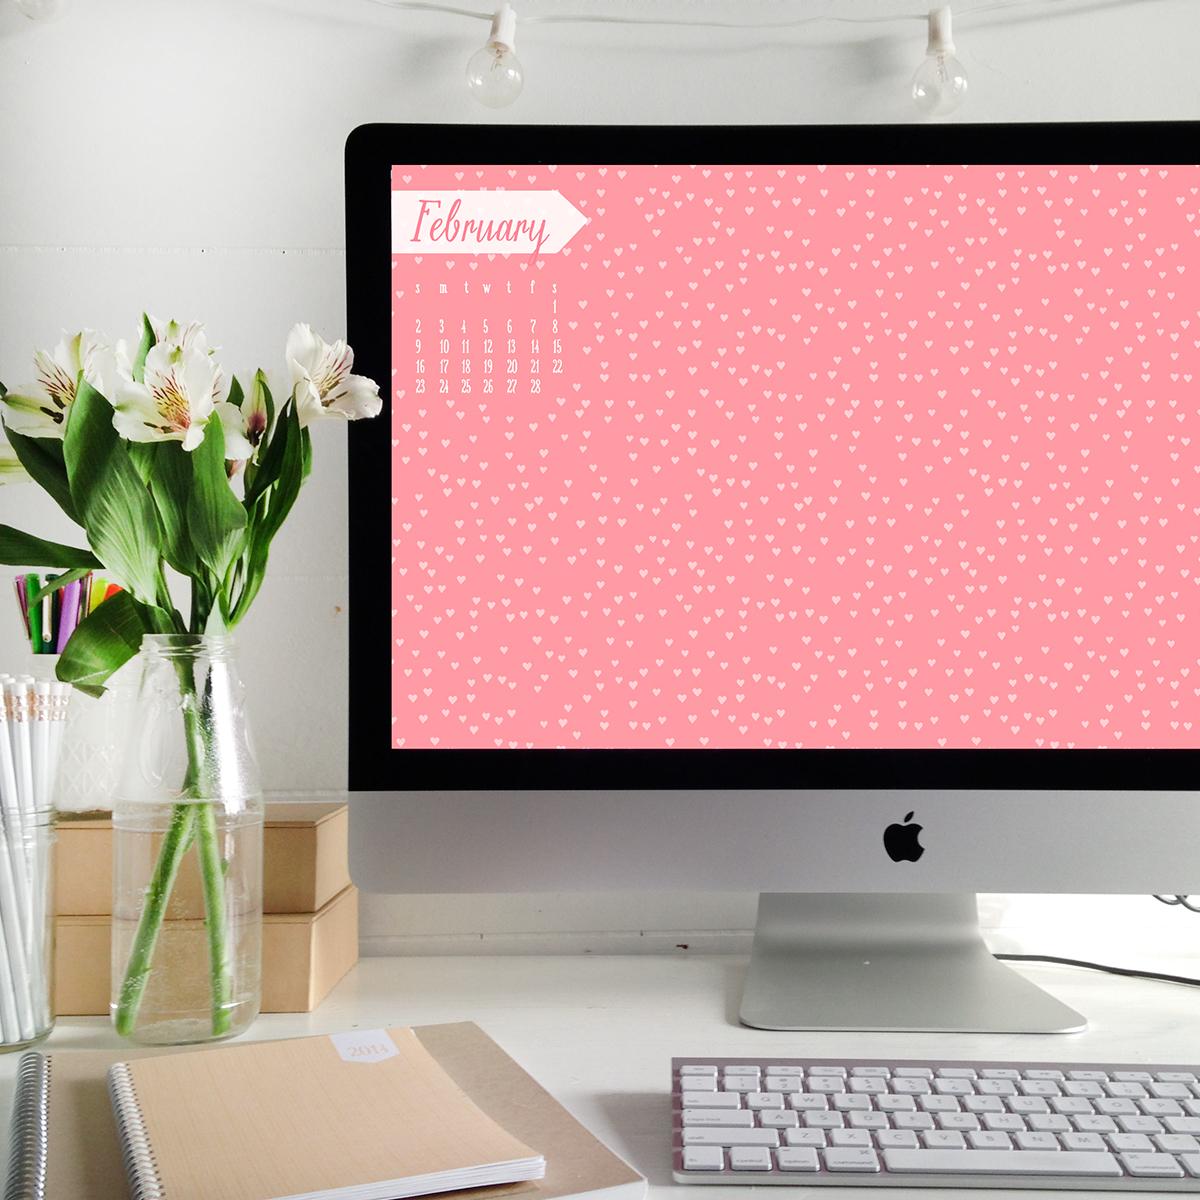 desktop_february